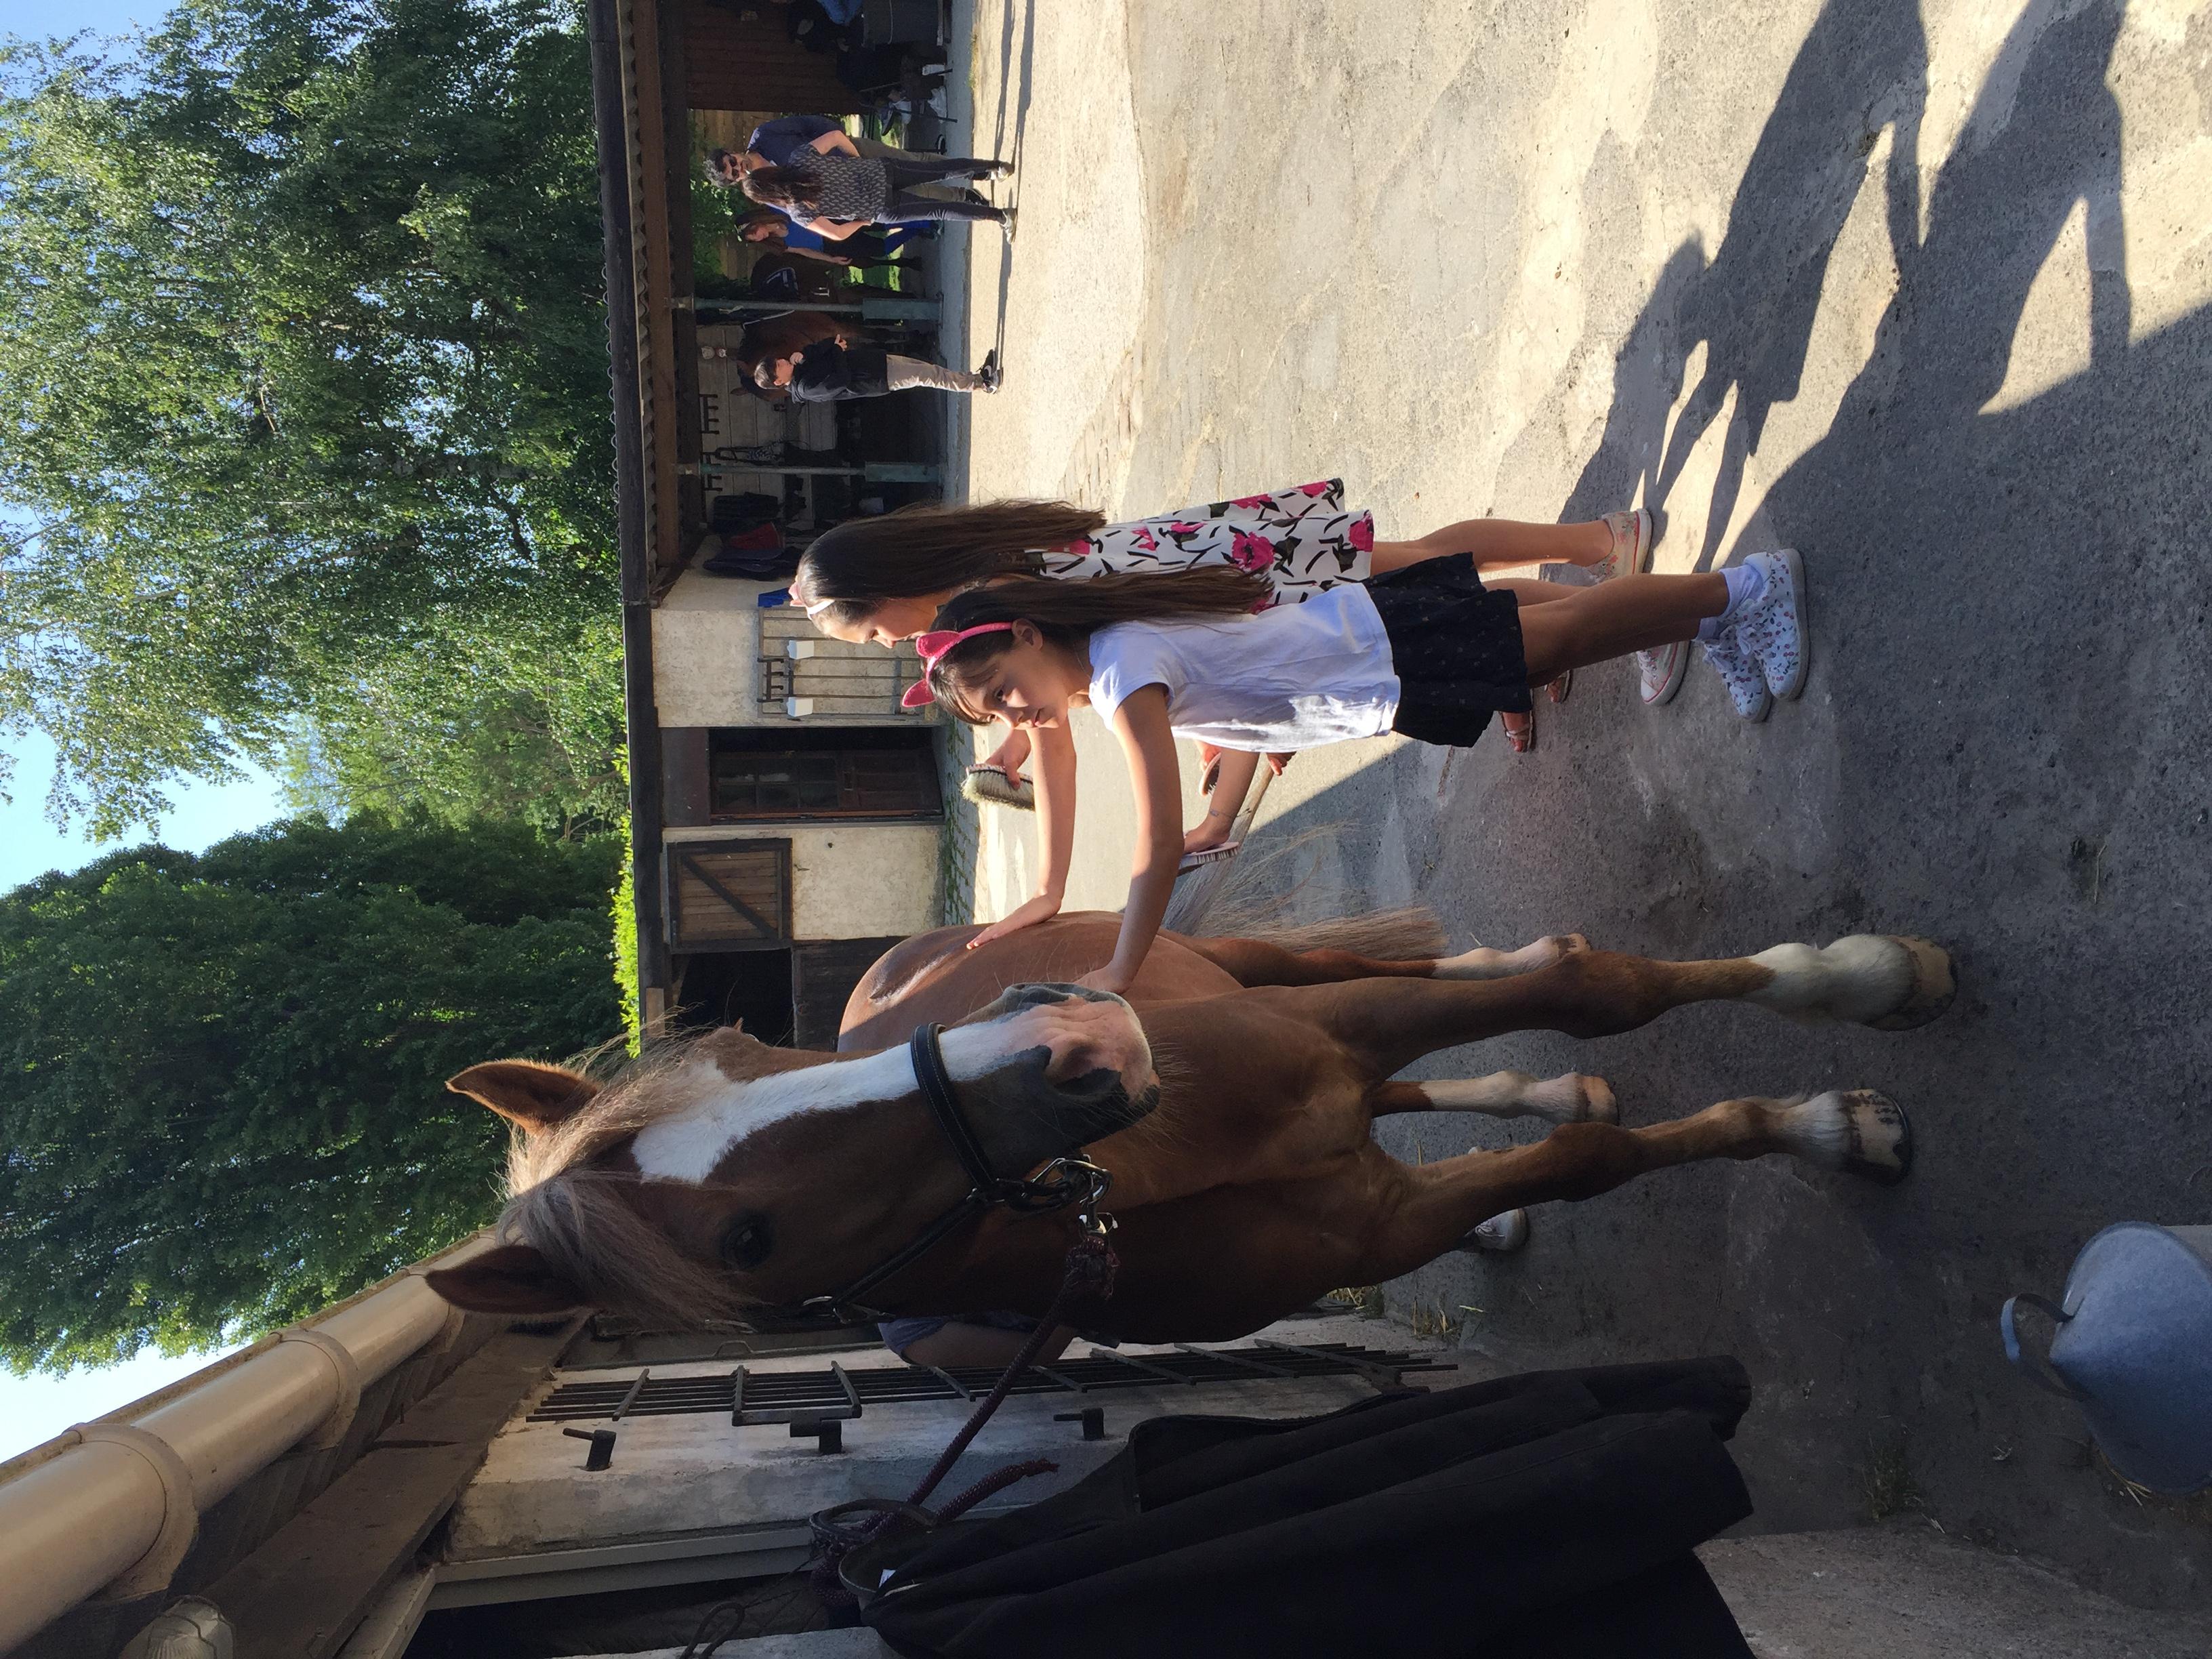 Les_Petites_Écuries_actualité_concours_poney_équitation_galluis_78_13